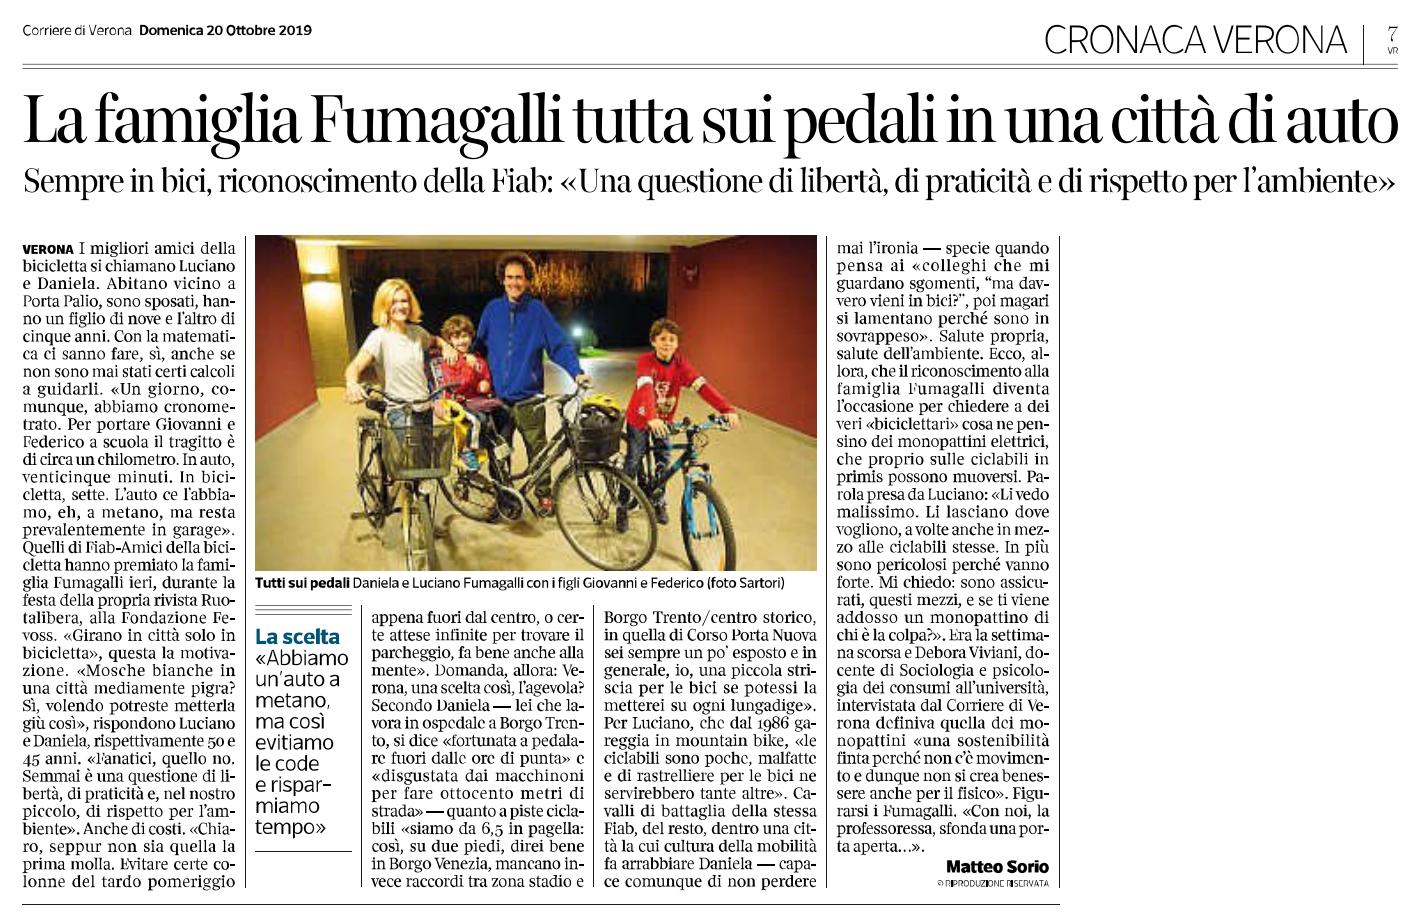 Articolo-intervista pubblicato dal Corriere di Verona - Domenica 20 ottobre 2019